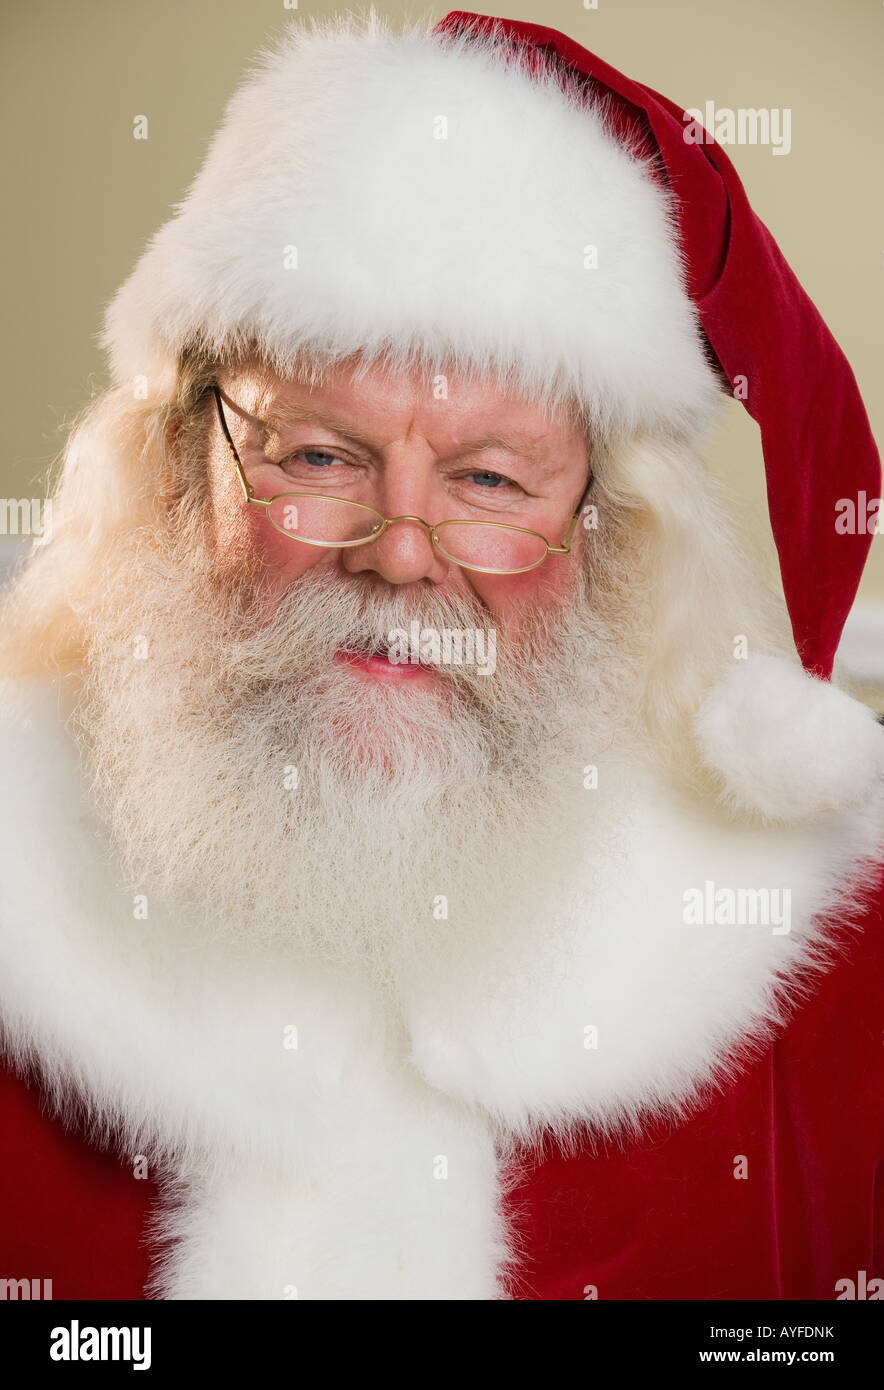 Porträt von Santa Claus Stockbild